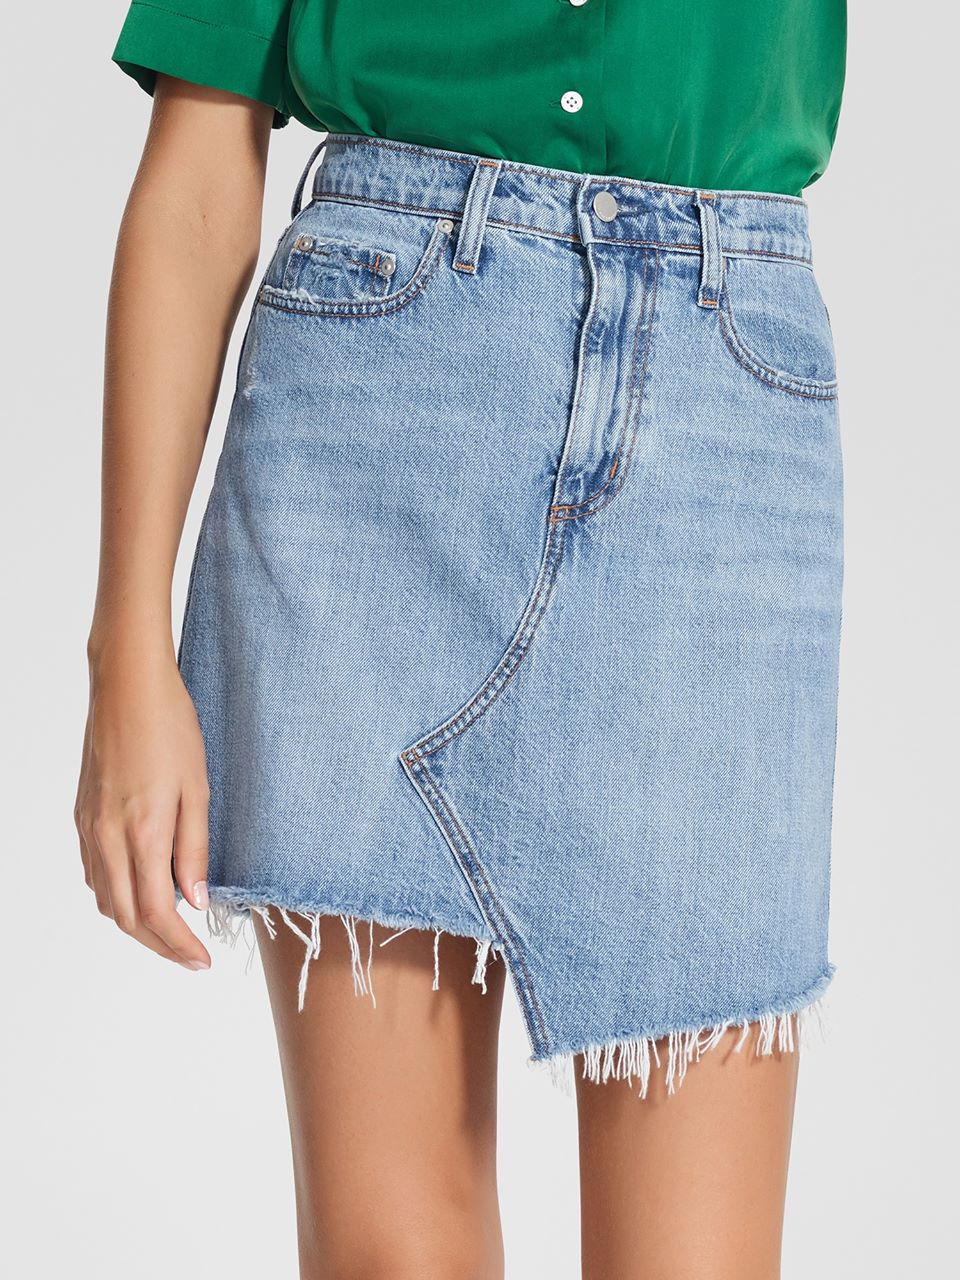 Piper Skewed Skirt Calma